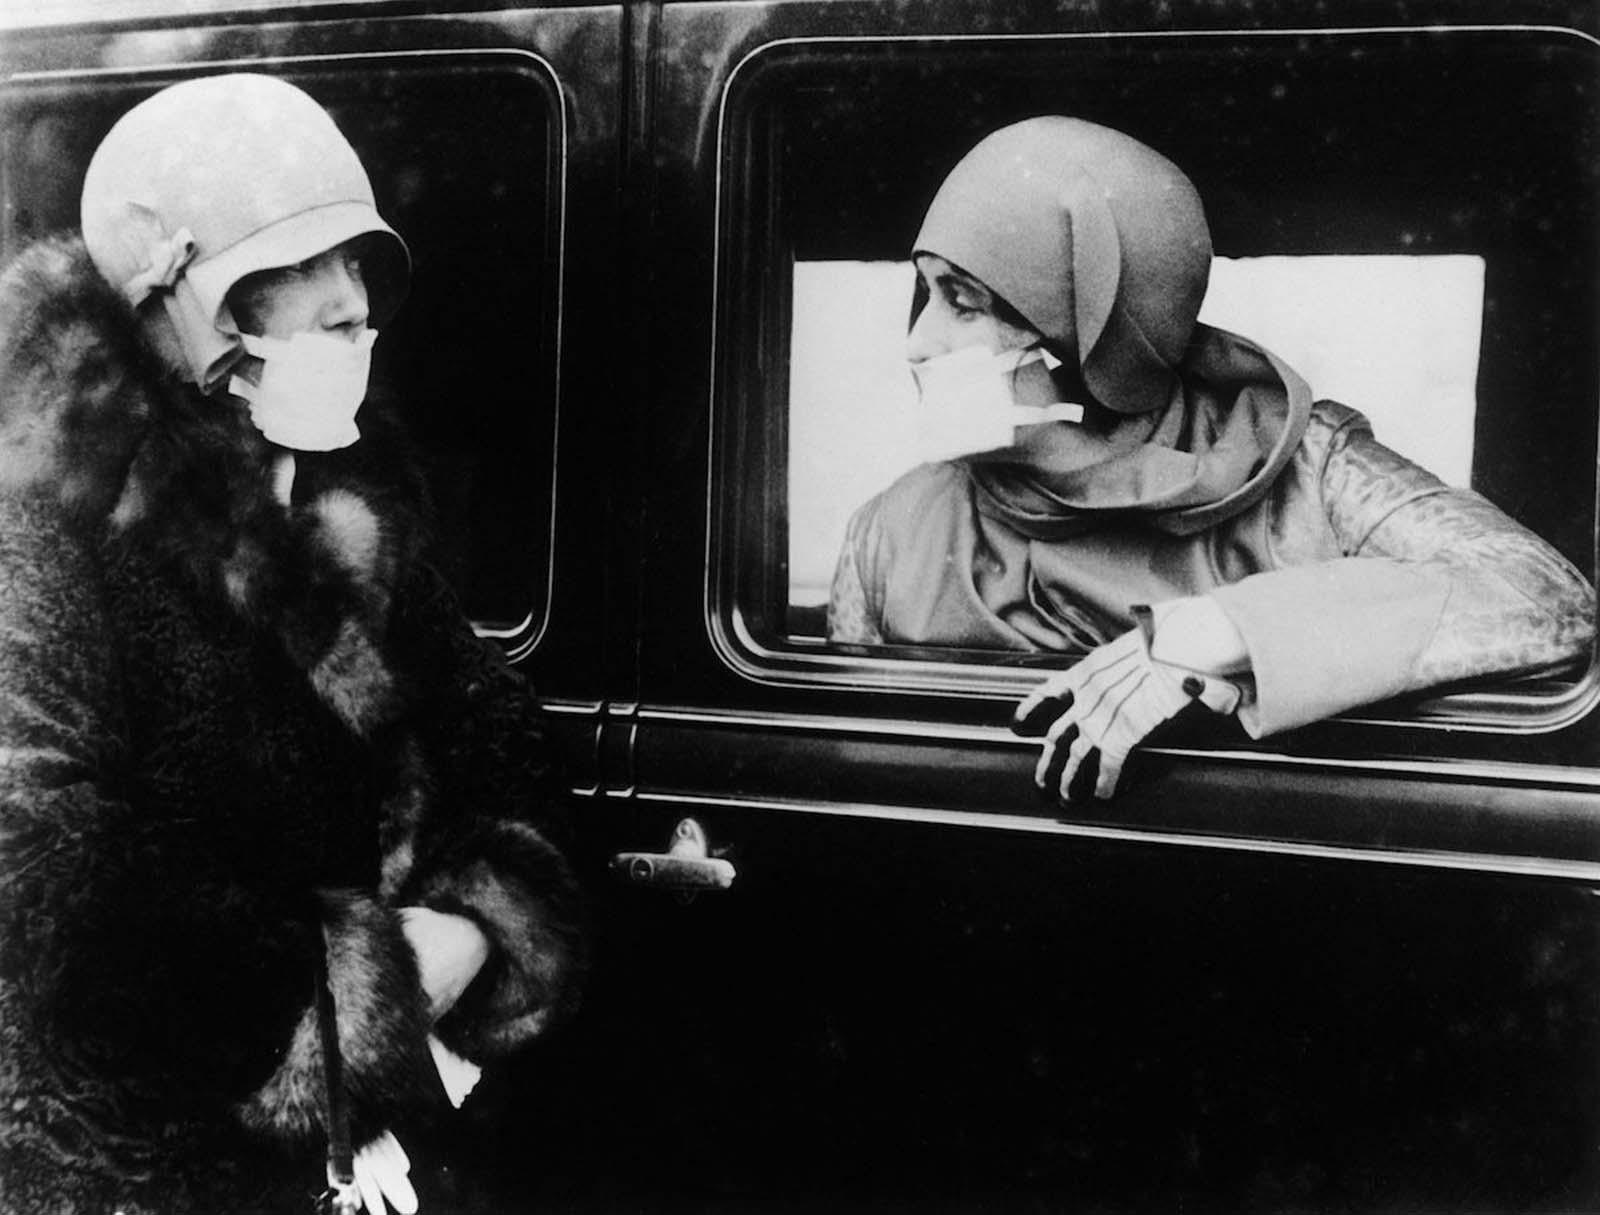 Two women speak through flu masks during the epidemic. 1918.